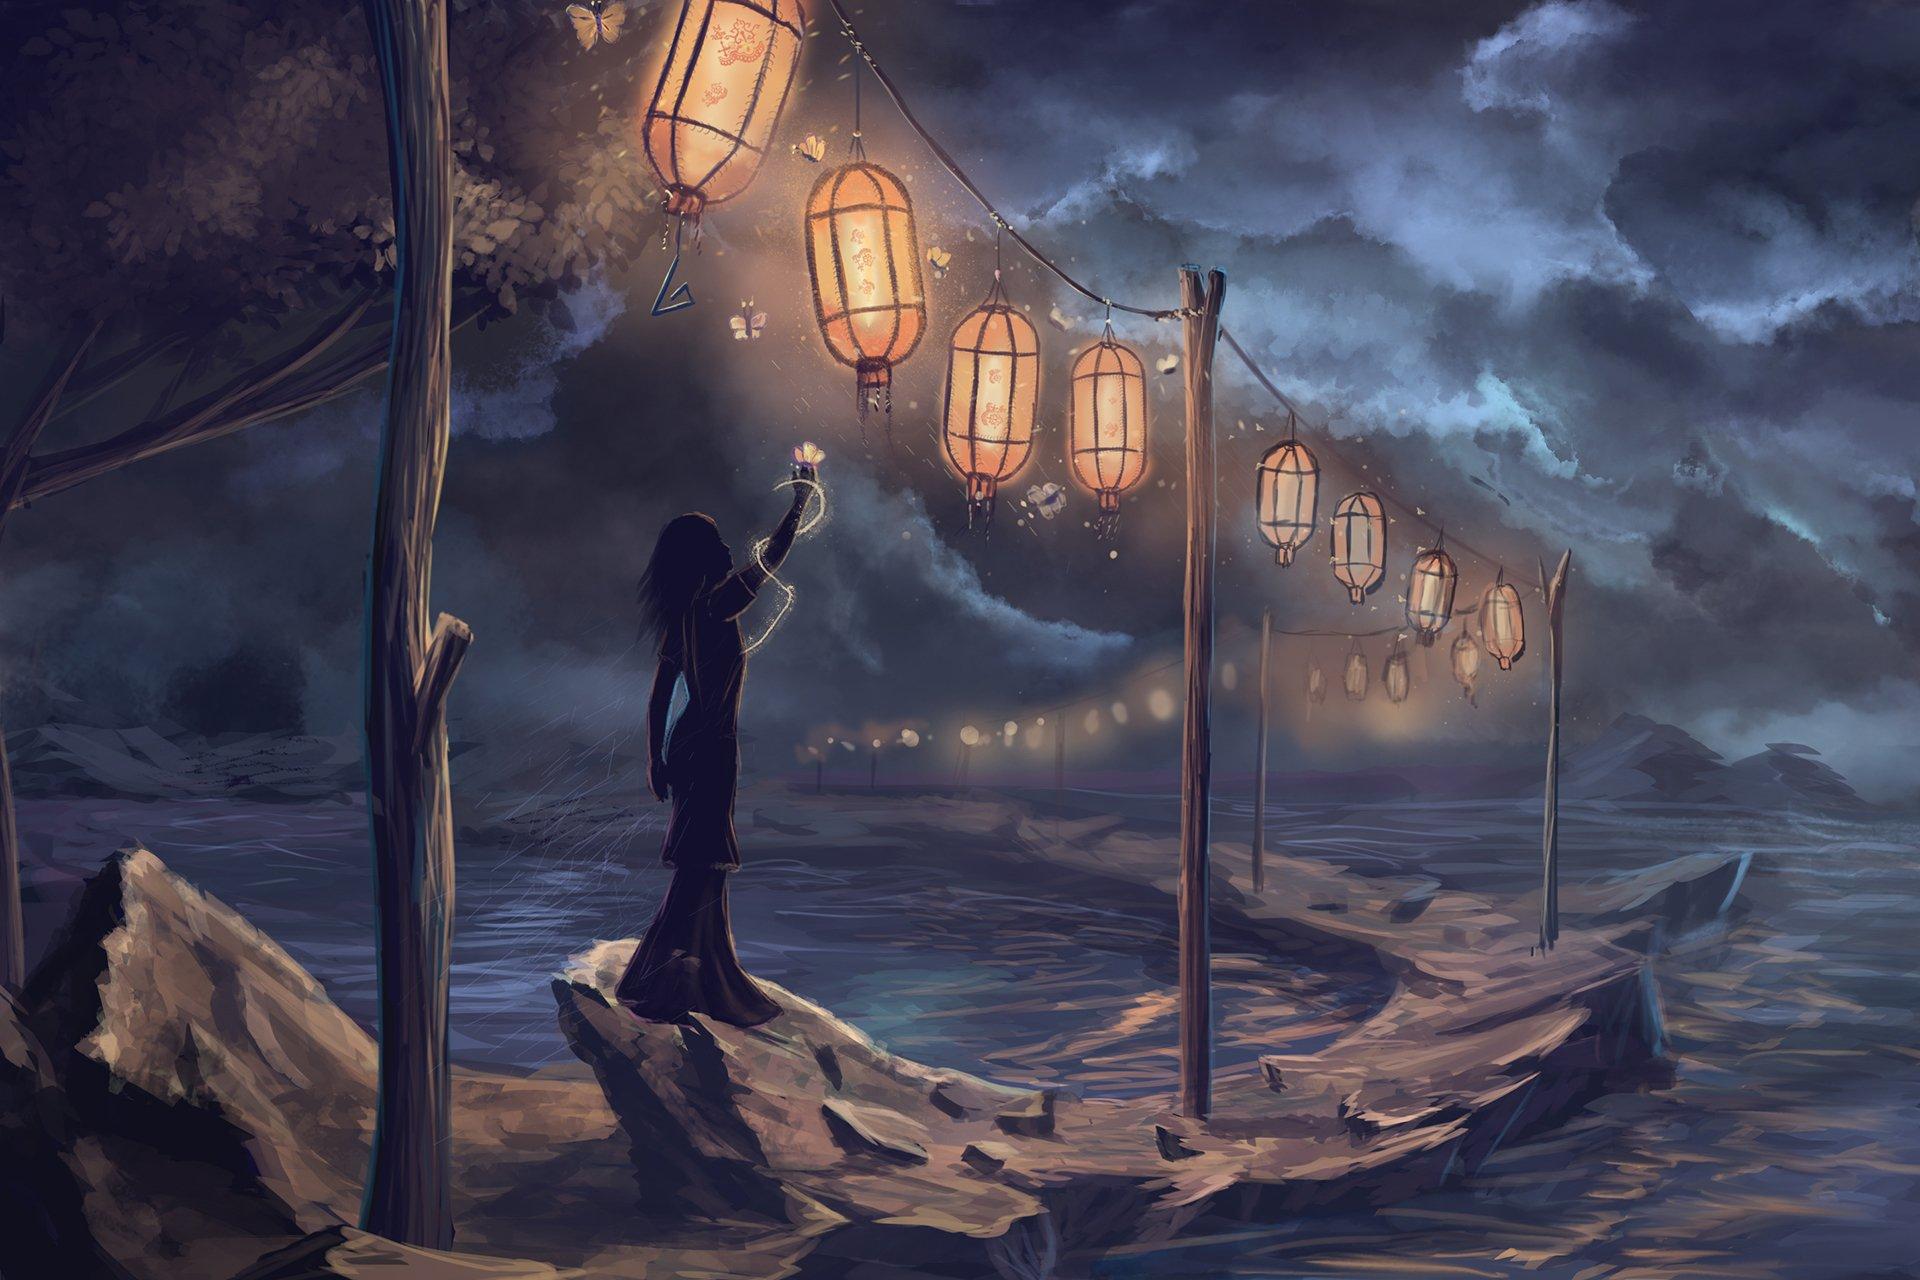 Картинки сюрреализм ночь, днем гаи июля